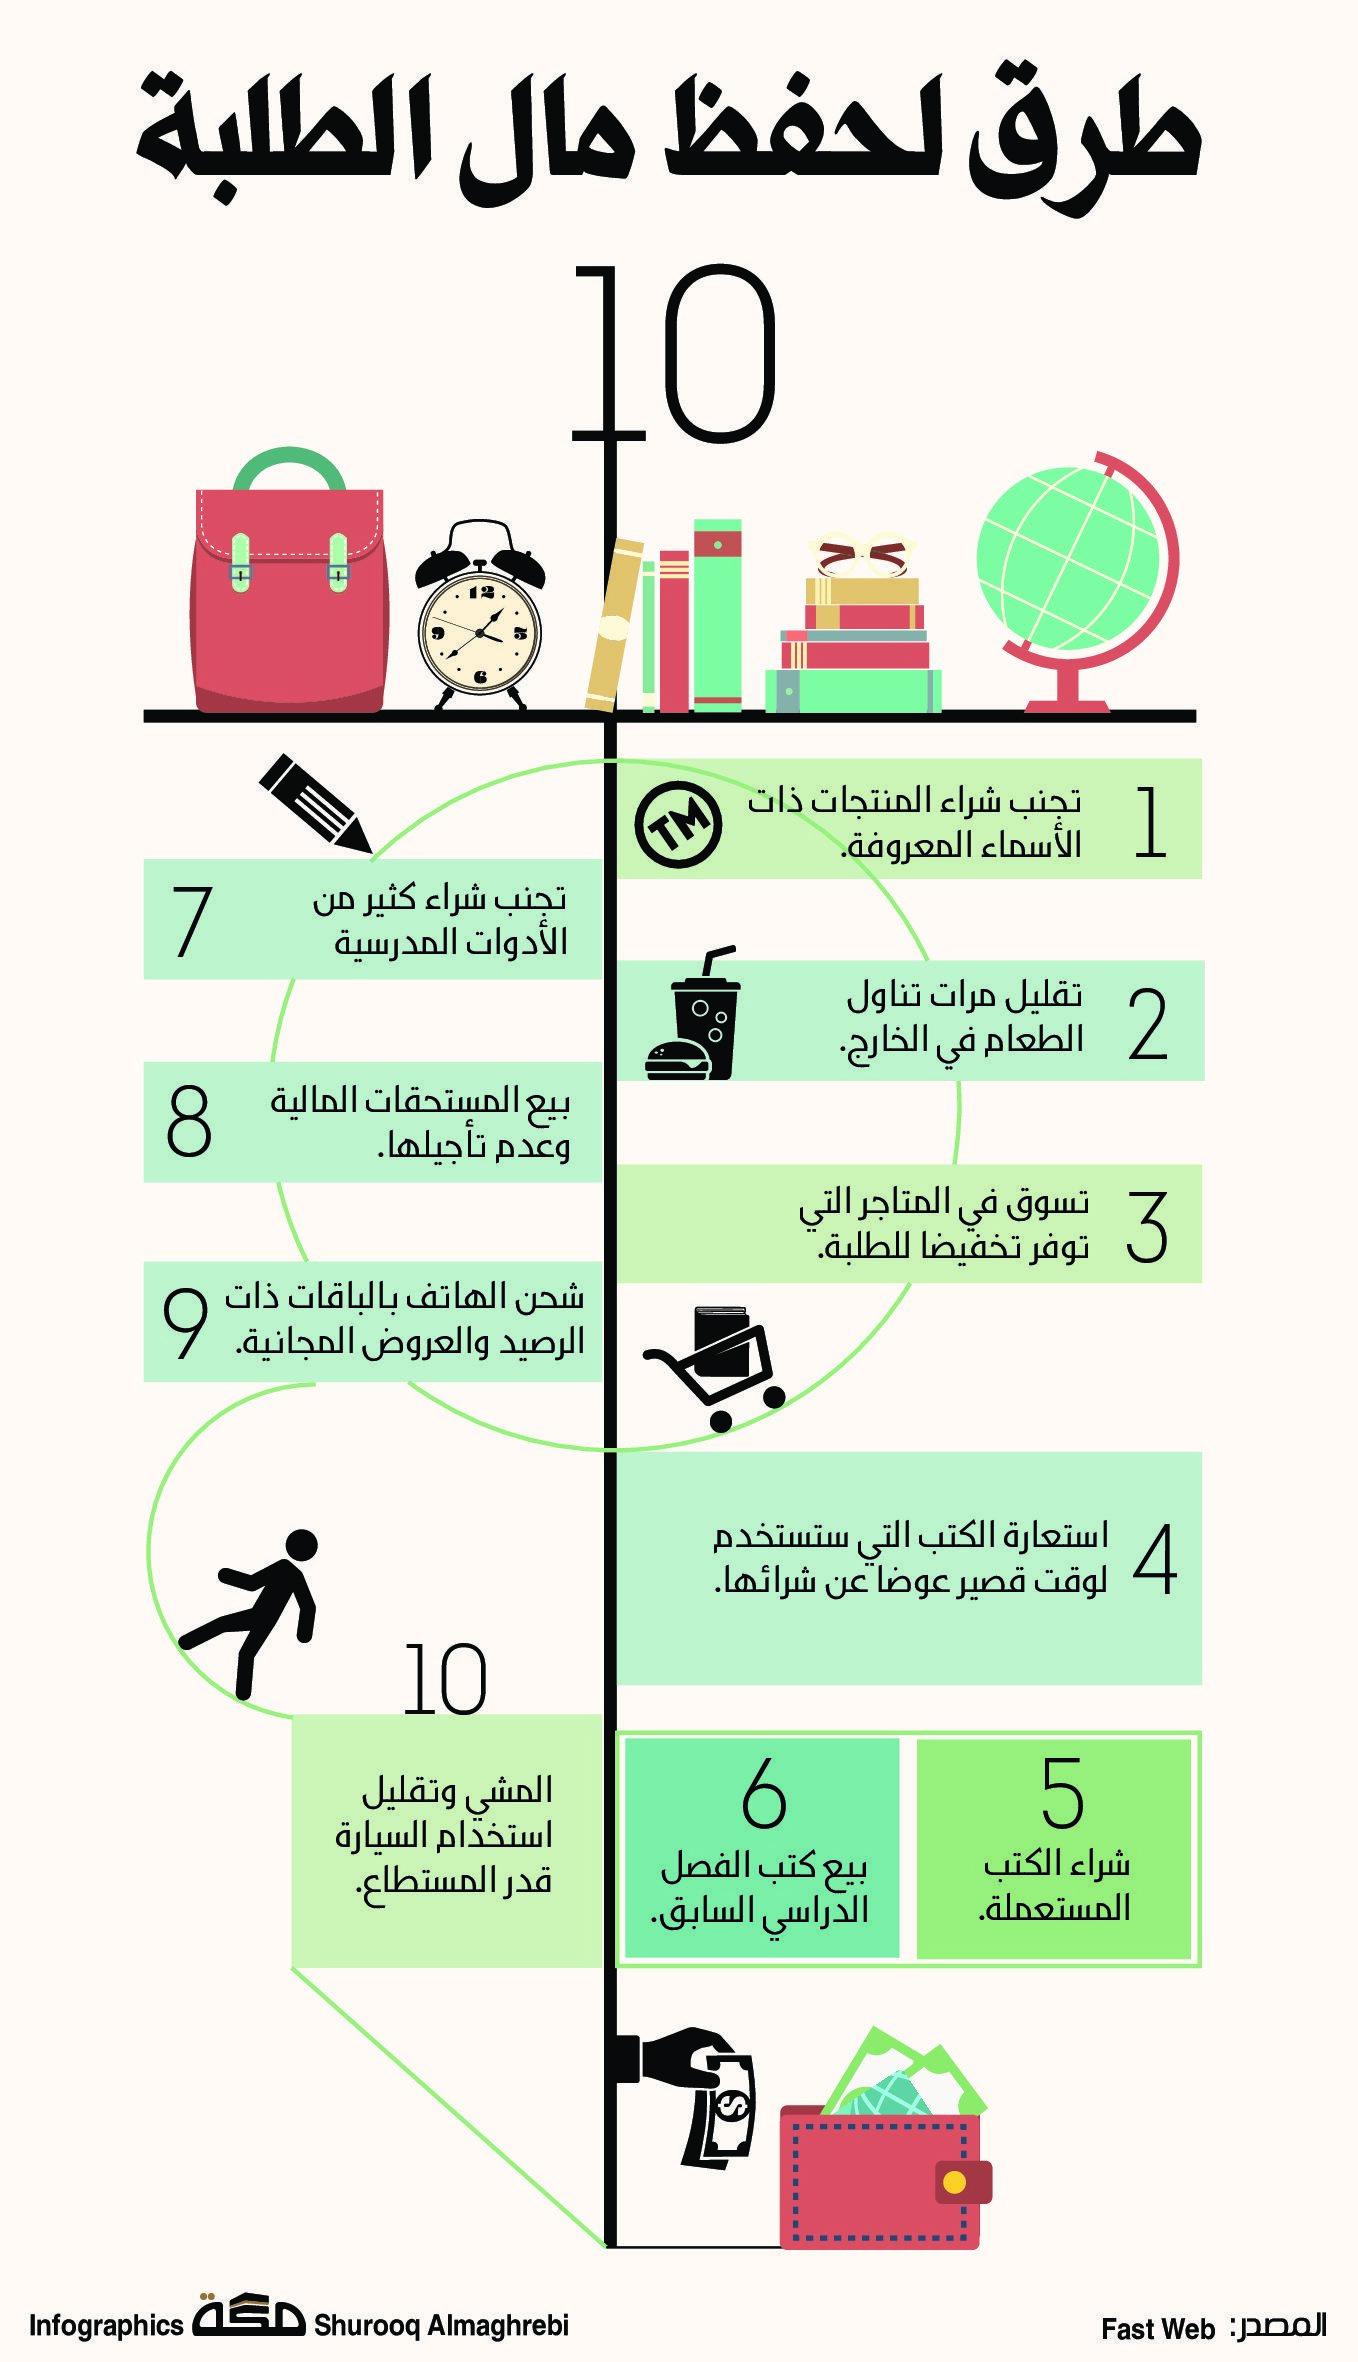 9 طرق لحفظ مال الطلبة صحيفة مكة انفوجرافيك تطويرالذات Infographic Map Map Screenshot